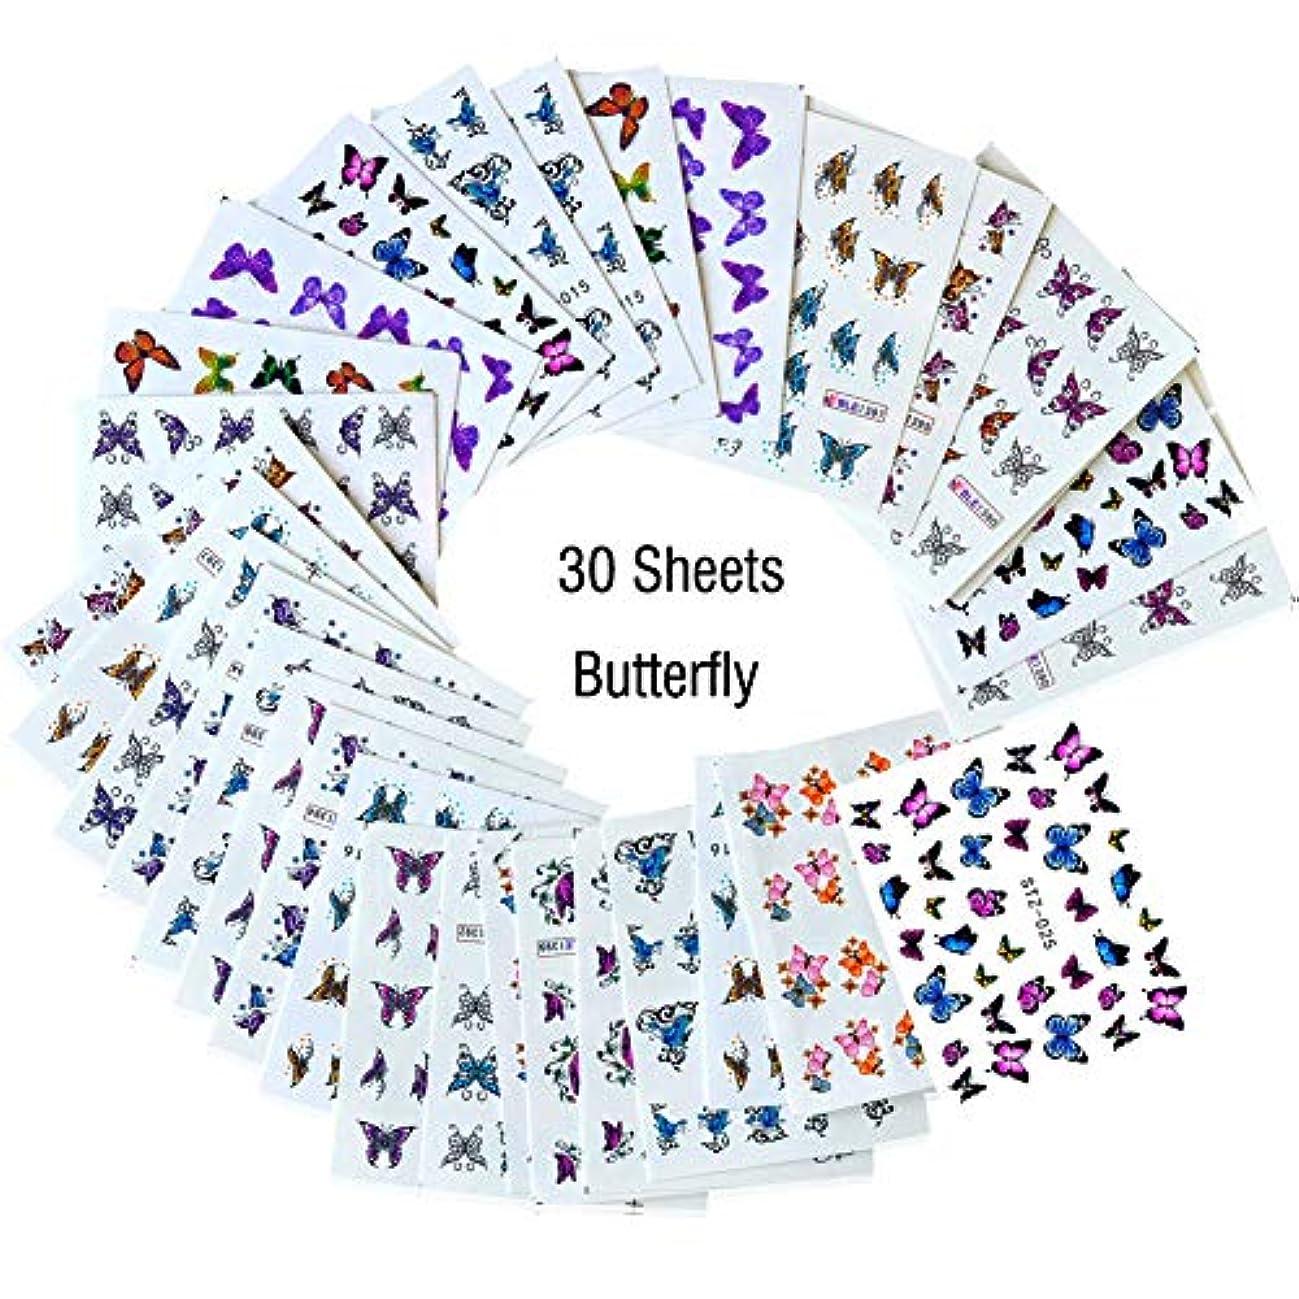 Lookathot 30枚ネイルアートステッカーデカール蝶デザインパターン水スカイスター箔紙印刷転写diy装飾ツールアクセサリー